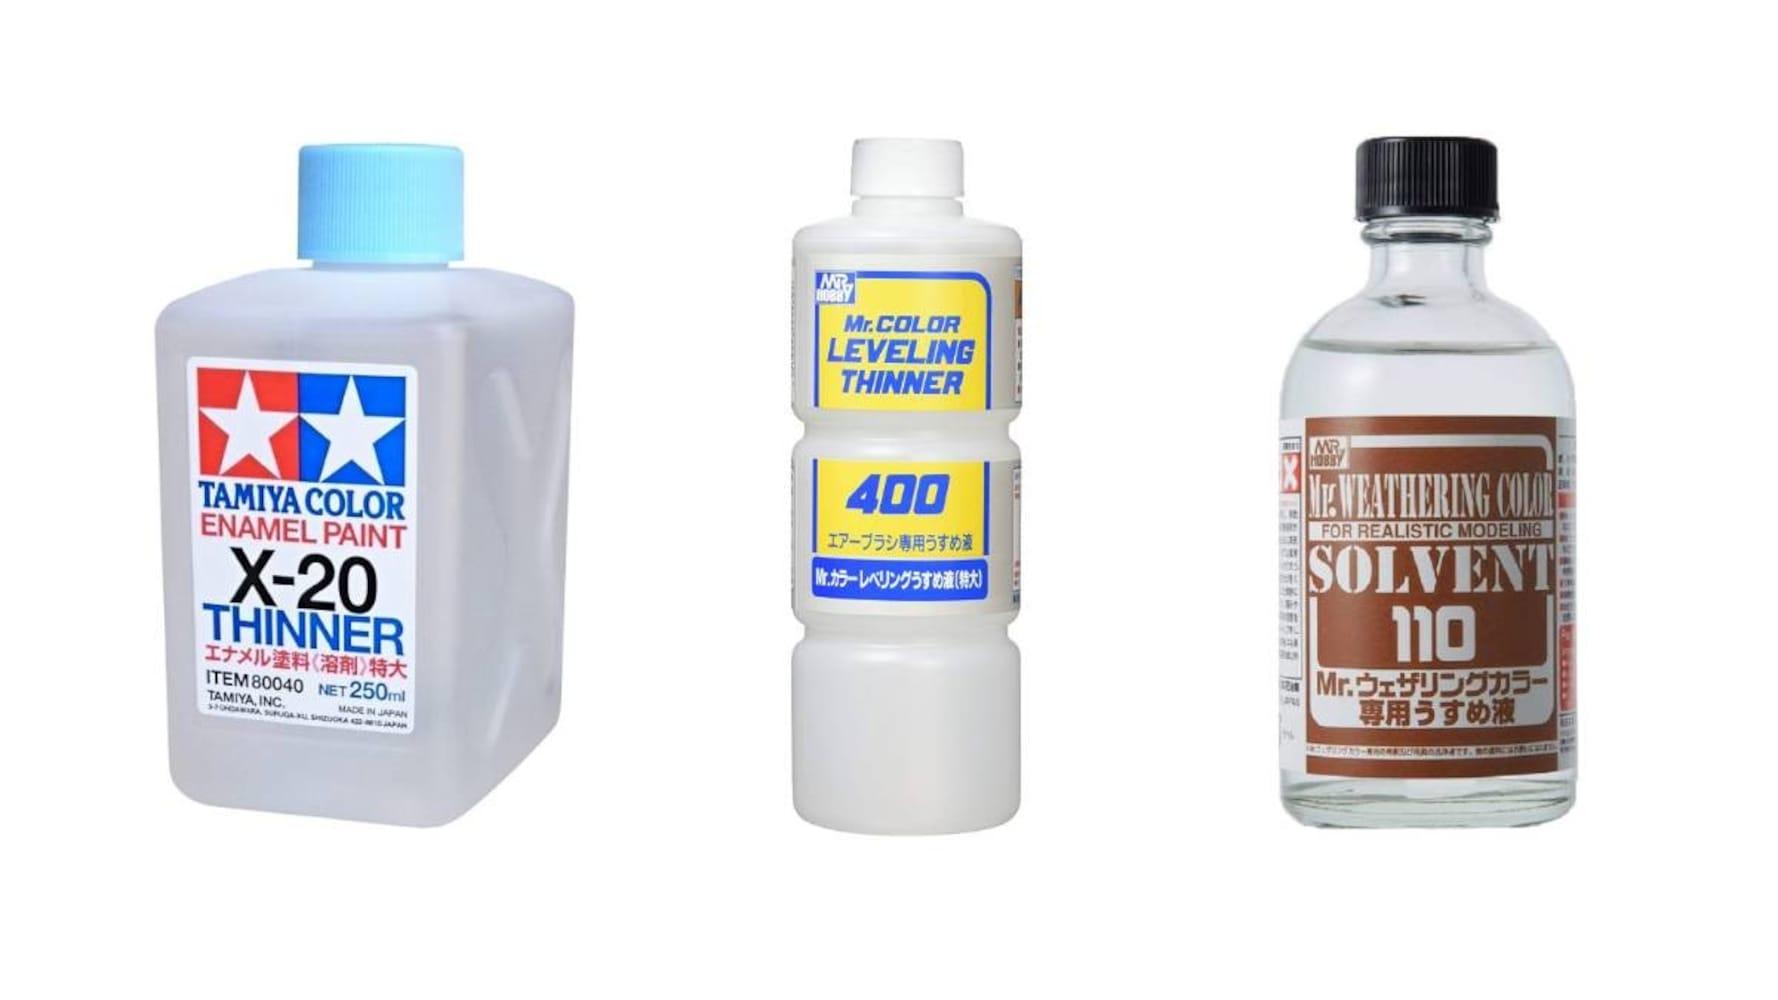 洗浄用シンナー|塗装に使った筆や器具の塗料をしっかりと落としたい方向け